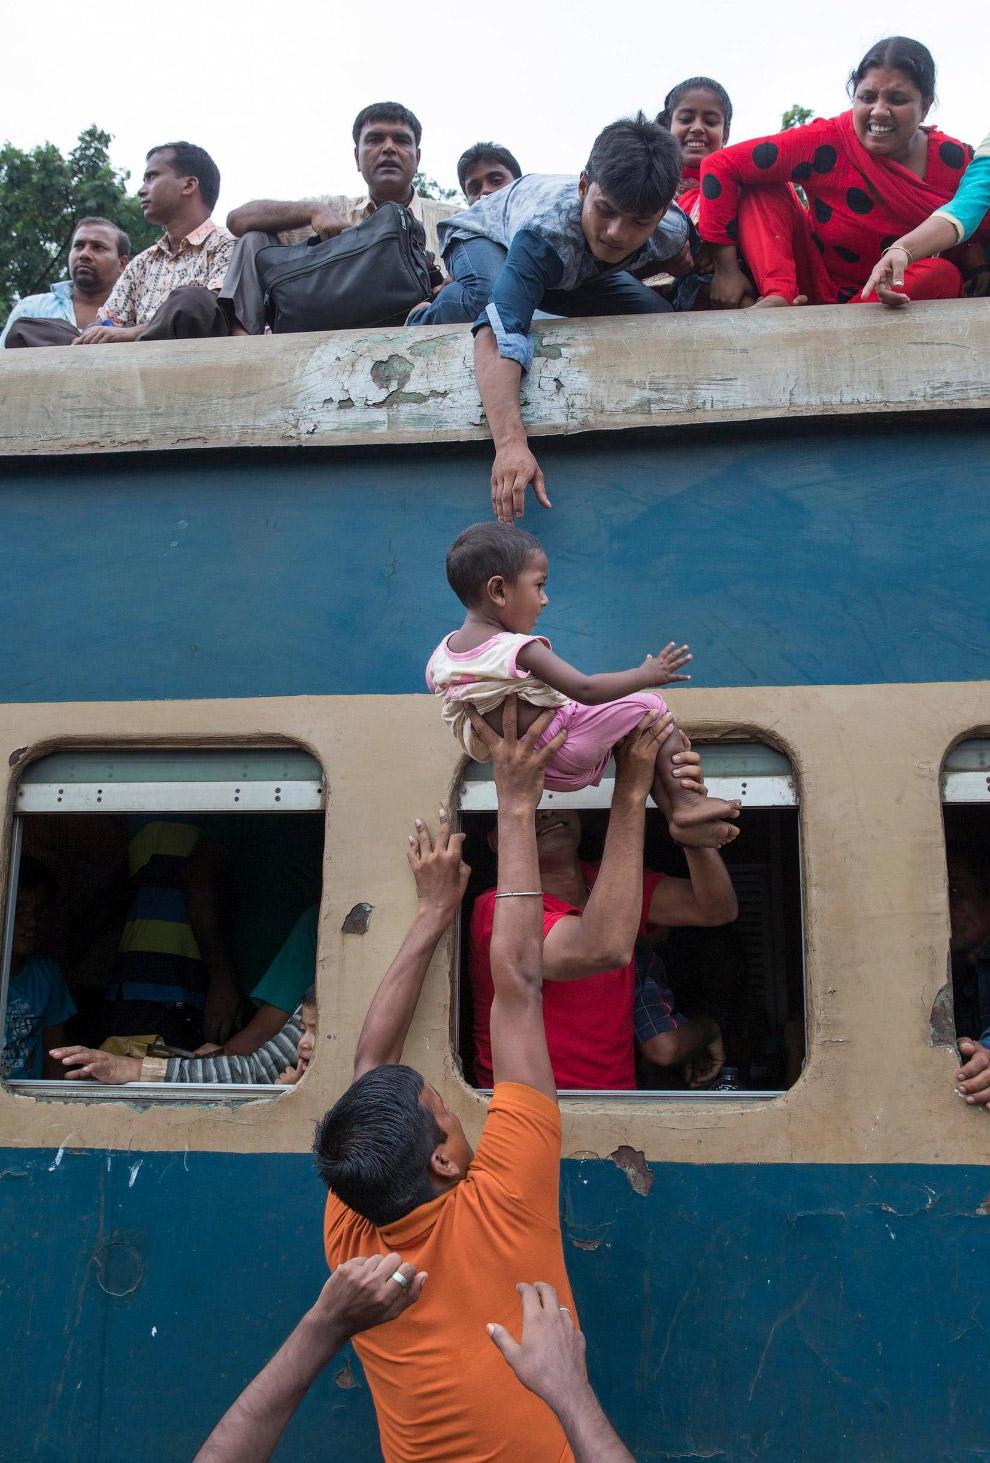 5. Те, кто не влез во внутрь и на крышу пытаются ехать в висячем положении. (Фото Yousuf Tushar